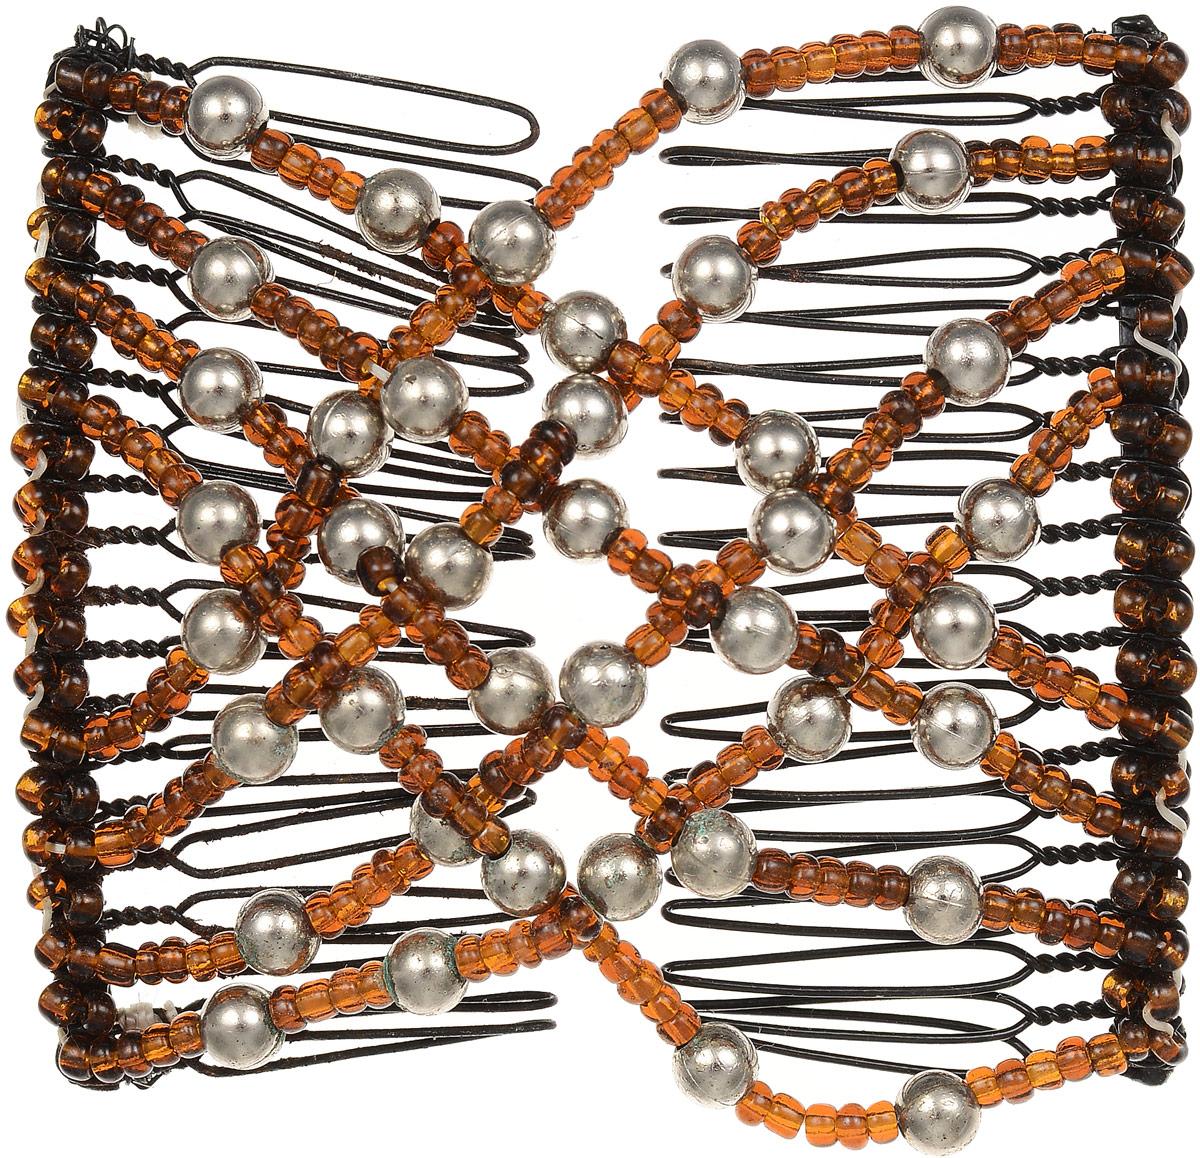 EZ-Combs Заколка Изи-Комбс, одинарная, цвет: коричневый, серебристый. ЗИО373924Удобная и практичная EZ-Combs подходит для любого типа волос: тонких, жестких, вьющихся или прямых, и не наносит им никакого вреда. Заколка не мешает движениям головы и не создает дискомфорта, когда вы отдыхаете или управляете автомобилем. Каждый гребень имеет по 20 зубьев для надежной фиксации заколки на волосах! И даже во время бега и интенсивных тренировок в спортзале EZ-Combs не падает; она прочно фиксирует прическу, сохраняя укладку в первозданном виде.Небольшая и легкая заколка для волос EZ-Combs поместится в любой дамской сумочке, позволяя быстро и без особых усилий создавать неповторимые прически там, где вам это удобно. Гребень прекрасно сочетается с любой одеждой: будь это классический или спортивный стиль, завершая гармоничный облик современной леди. И неважно, какой образ жизни вы ведете, если у вас есть EZ-Combs, вы всегда будете выглядеть потрясающе.